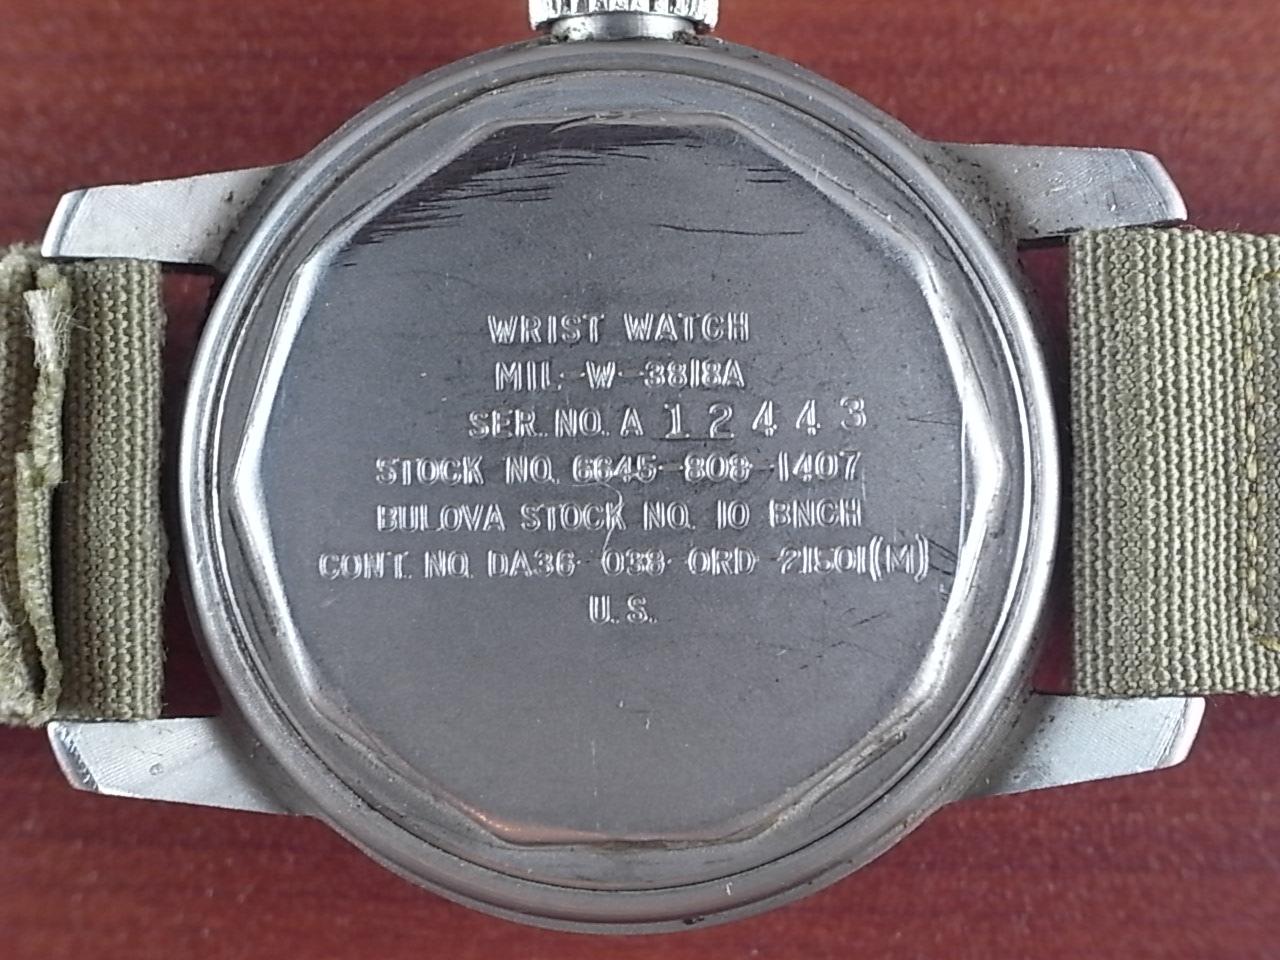 ブローバ ミリタリー 米軍 MIL-W-3818A 1960年代 の写真4枚目